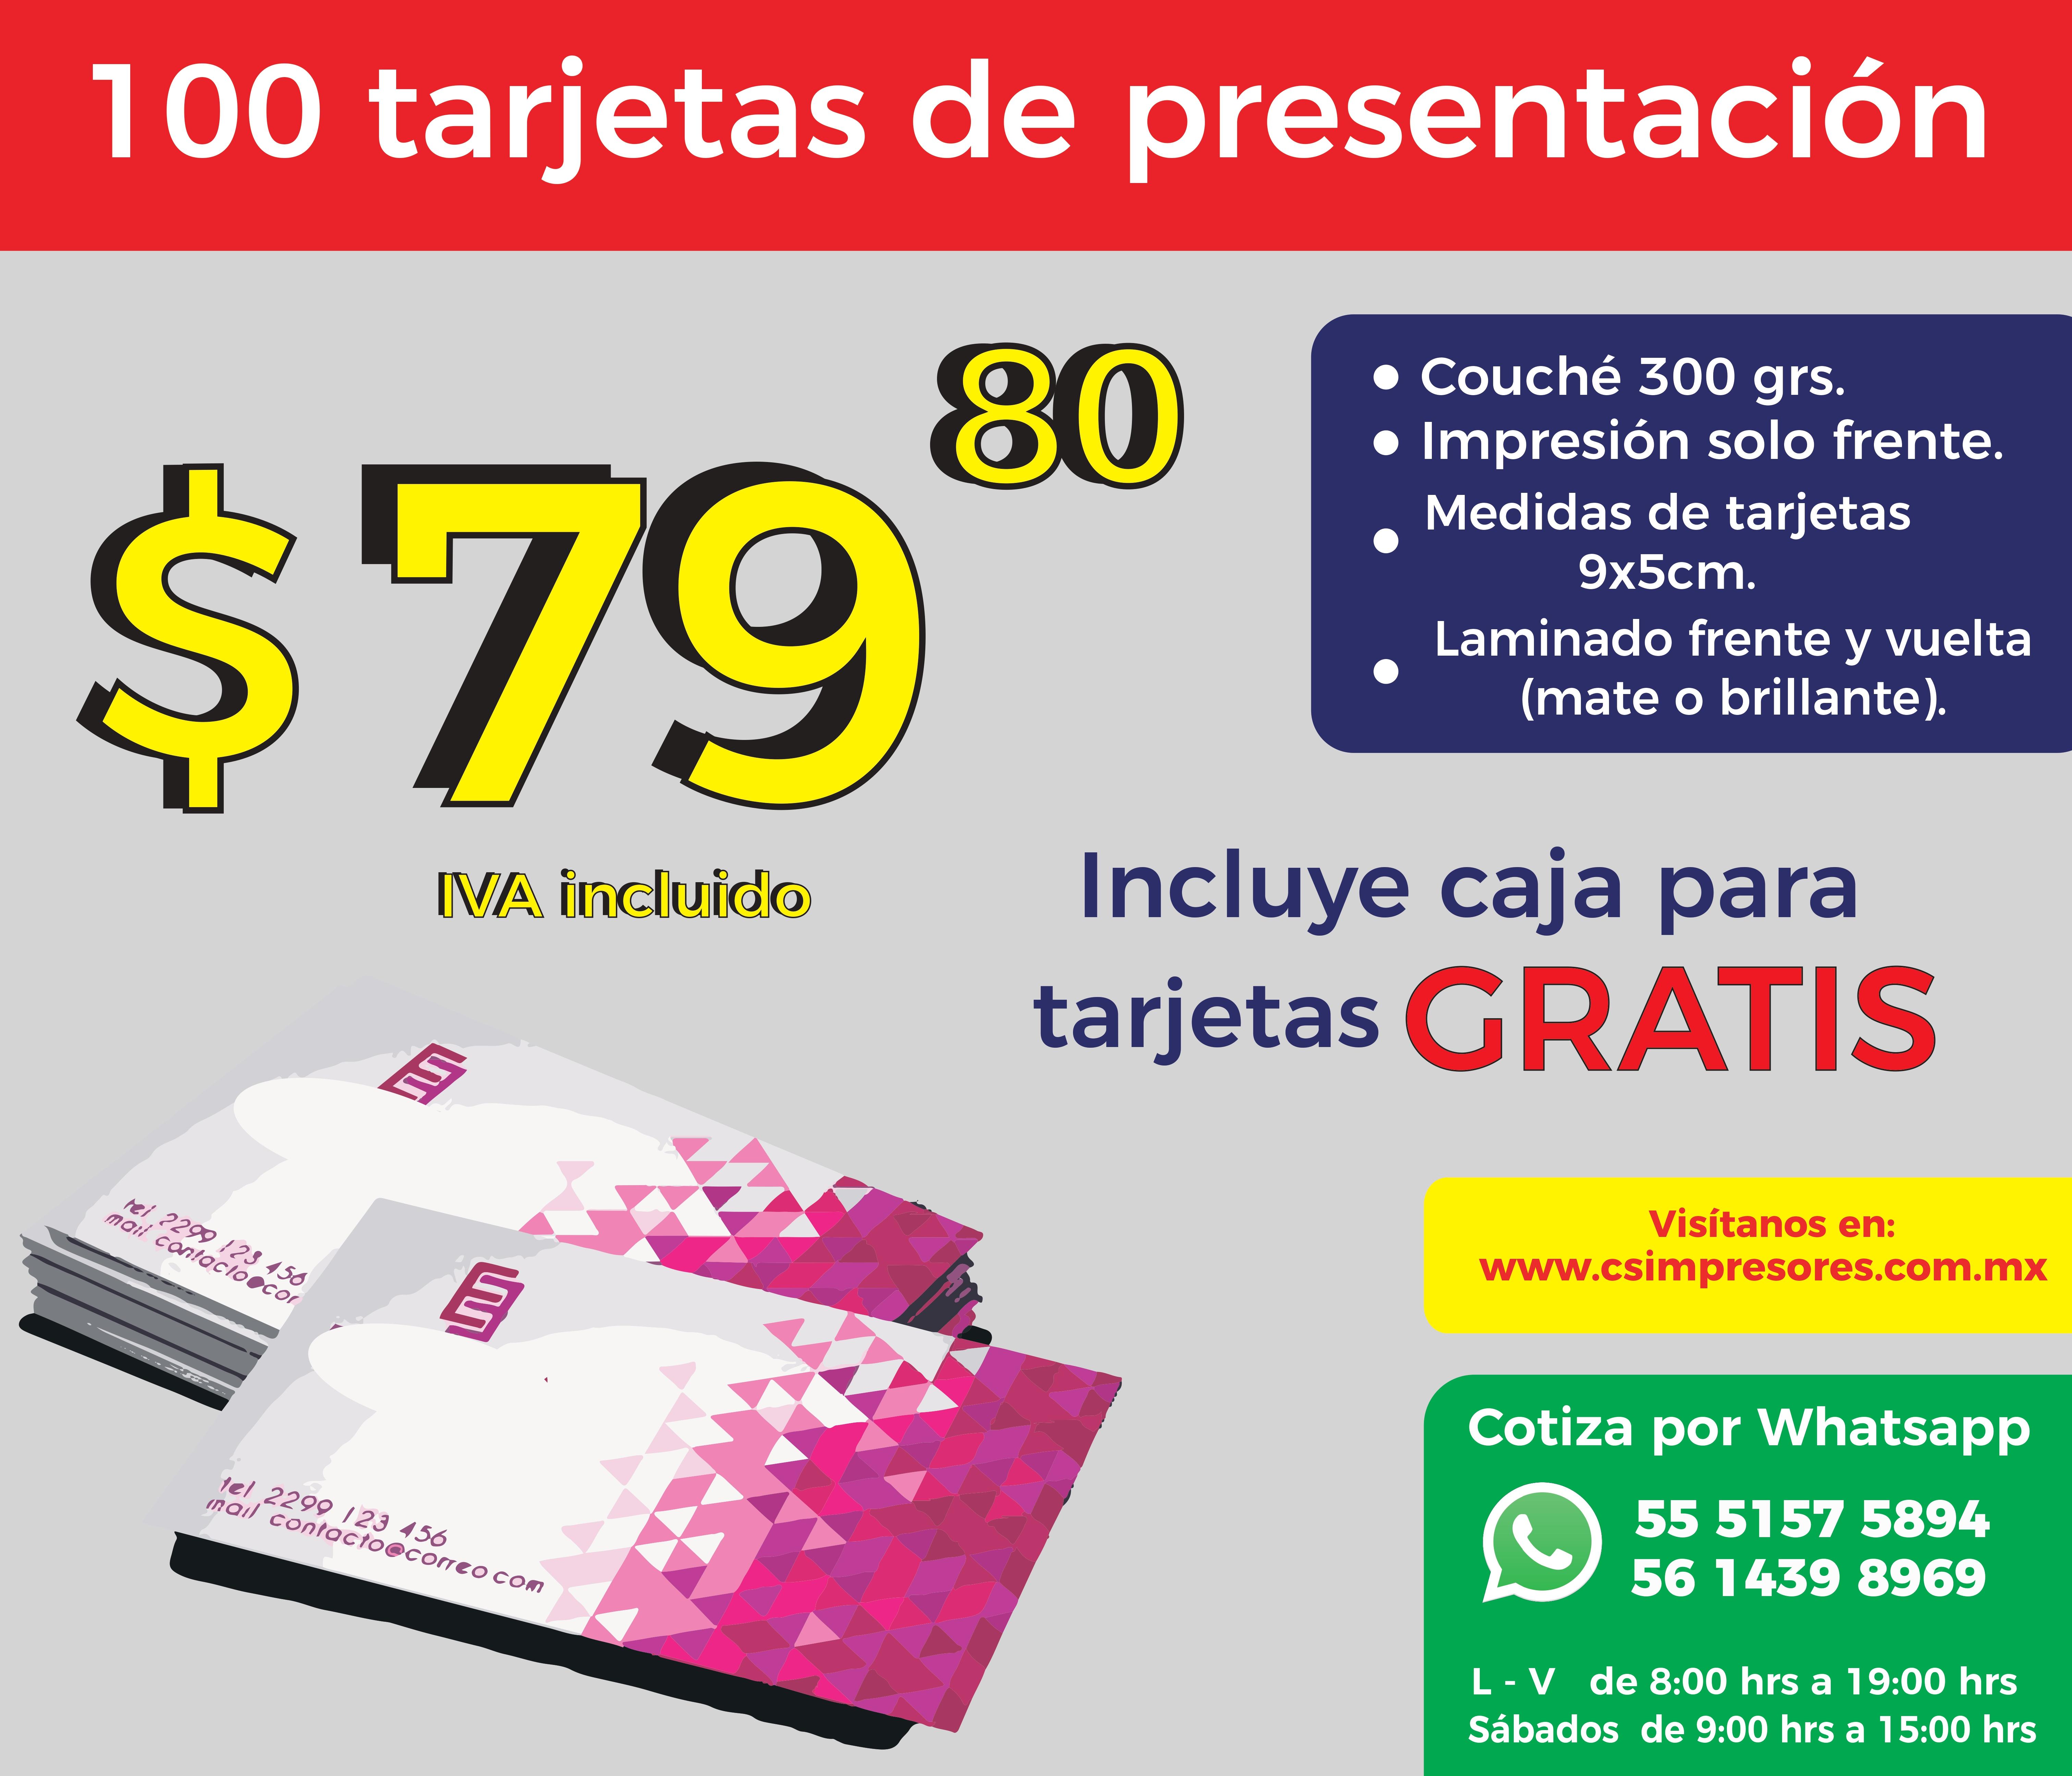 https://0201.nccdn.net/1_2/000/000/15c/9ca/stickers-21-con-50-mes-de-febrero--recuperado-_page-0003.jpg